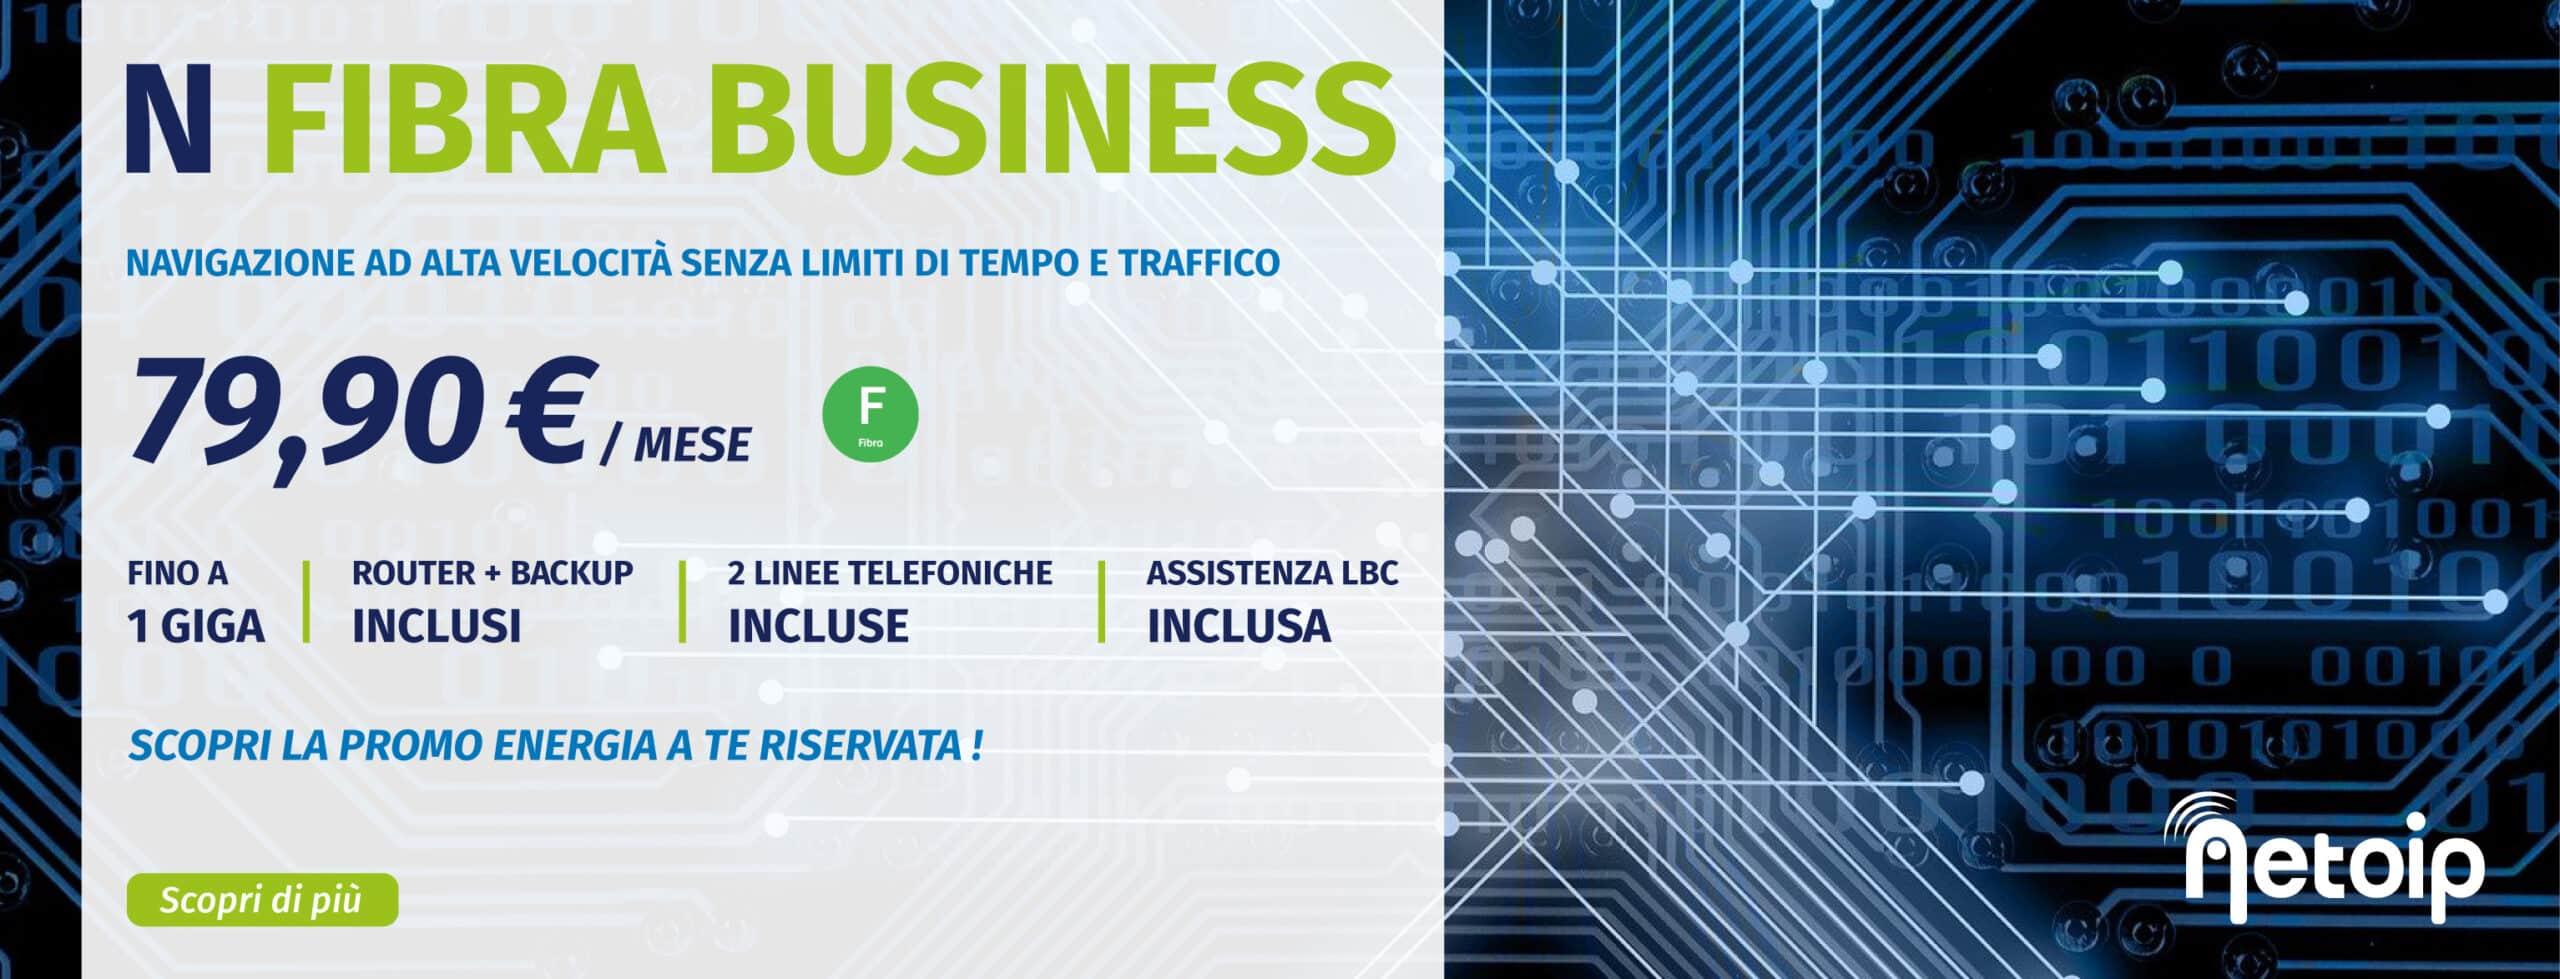 N FIBRA BUSINESS - FTTH